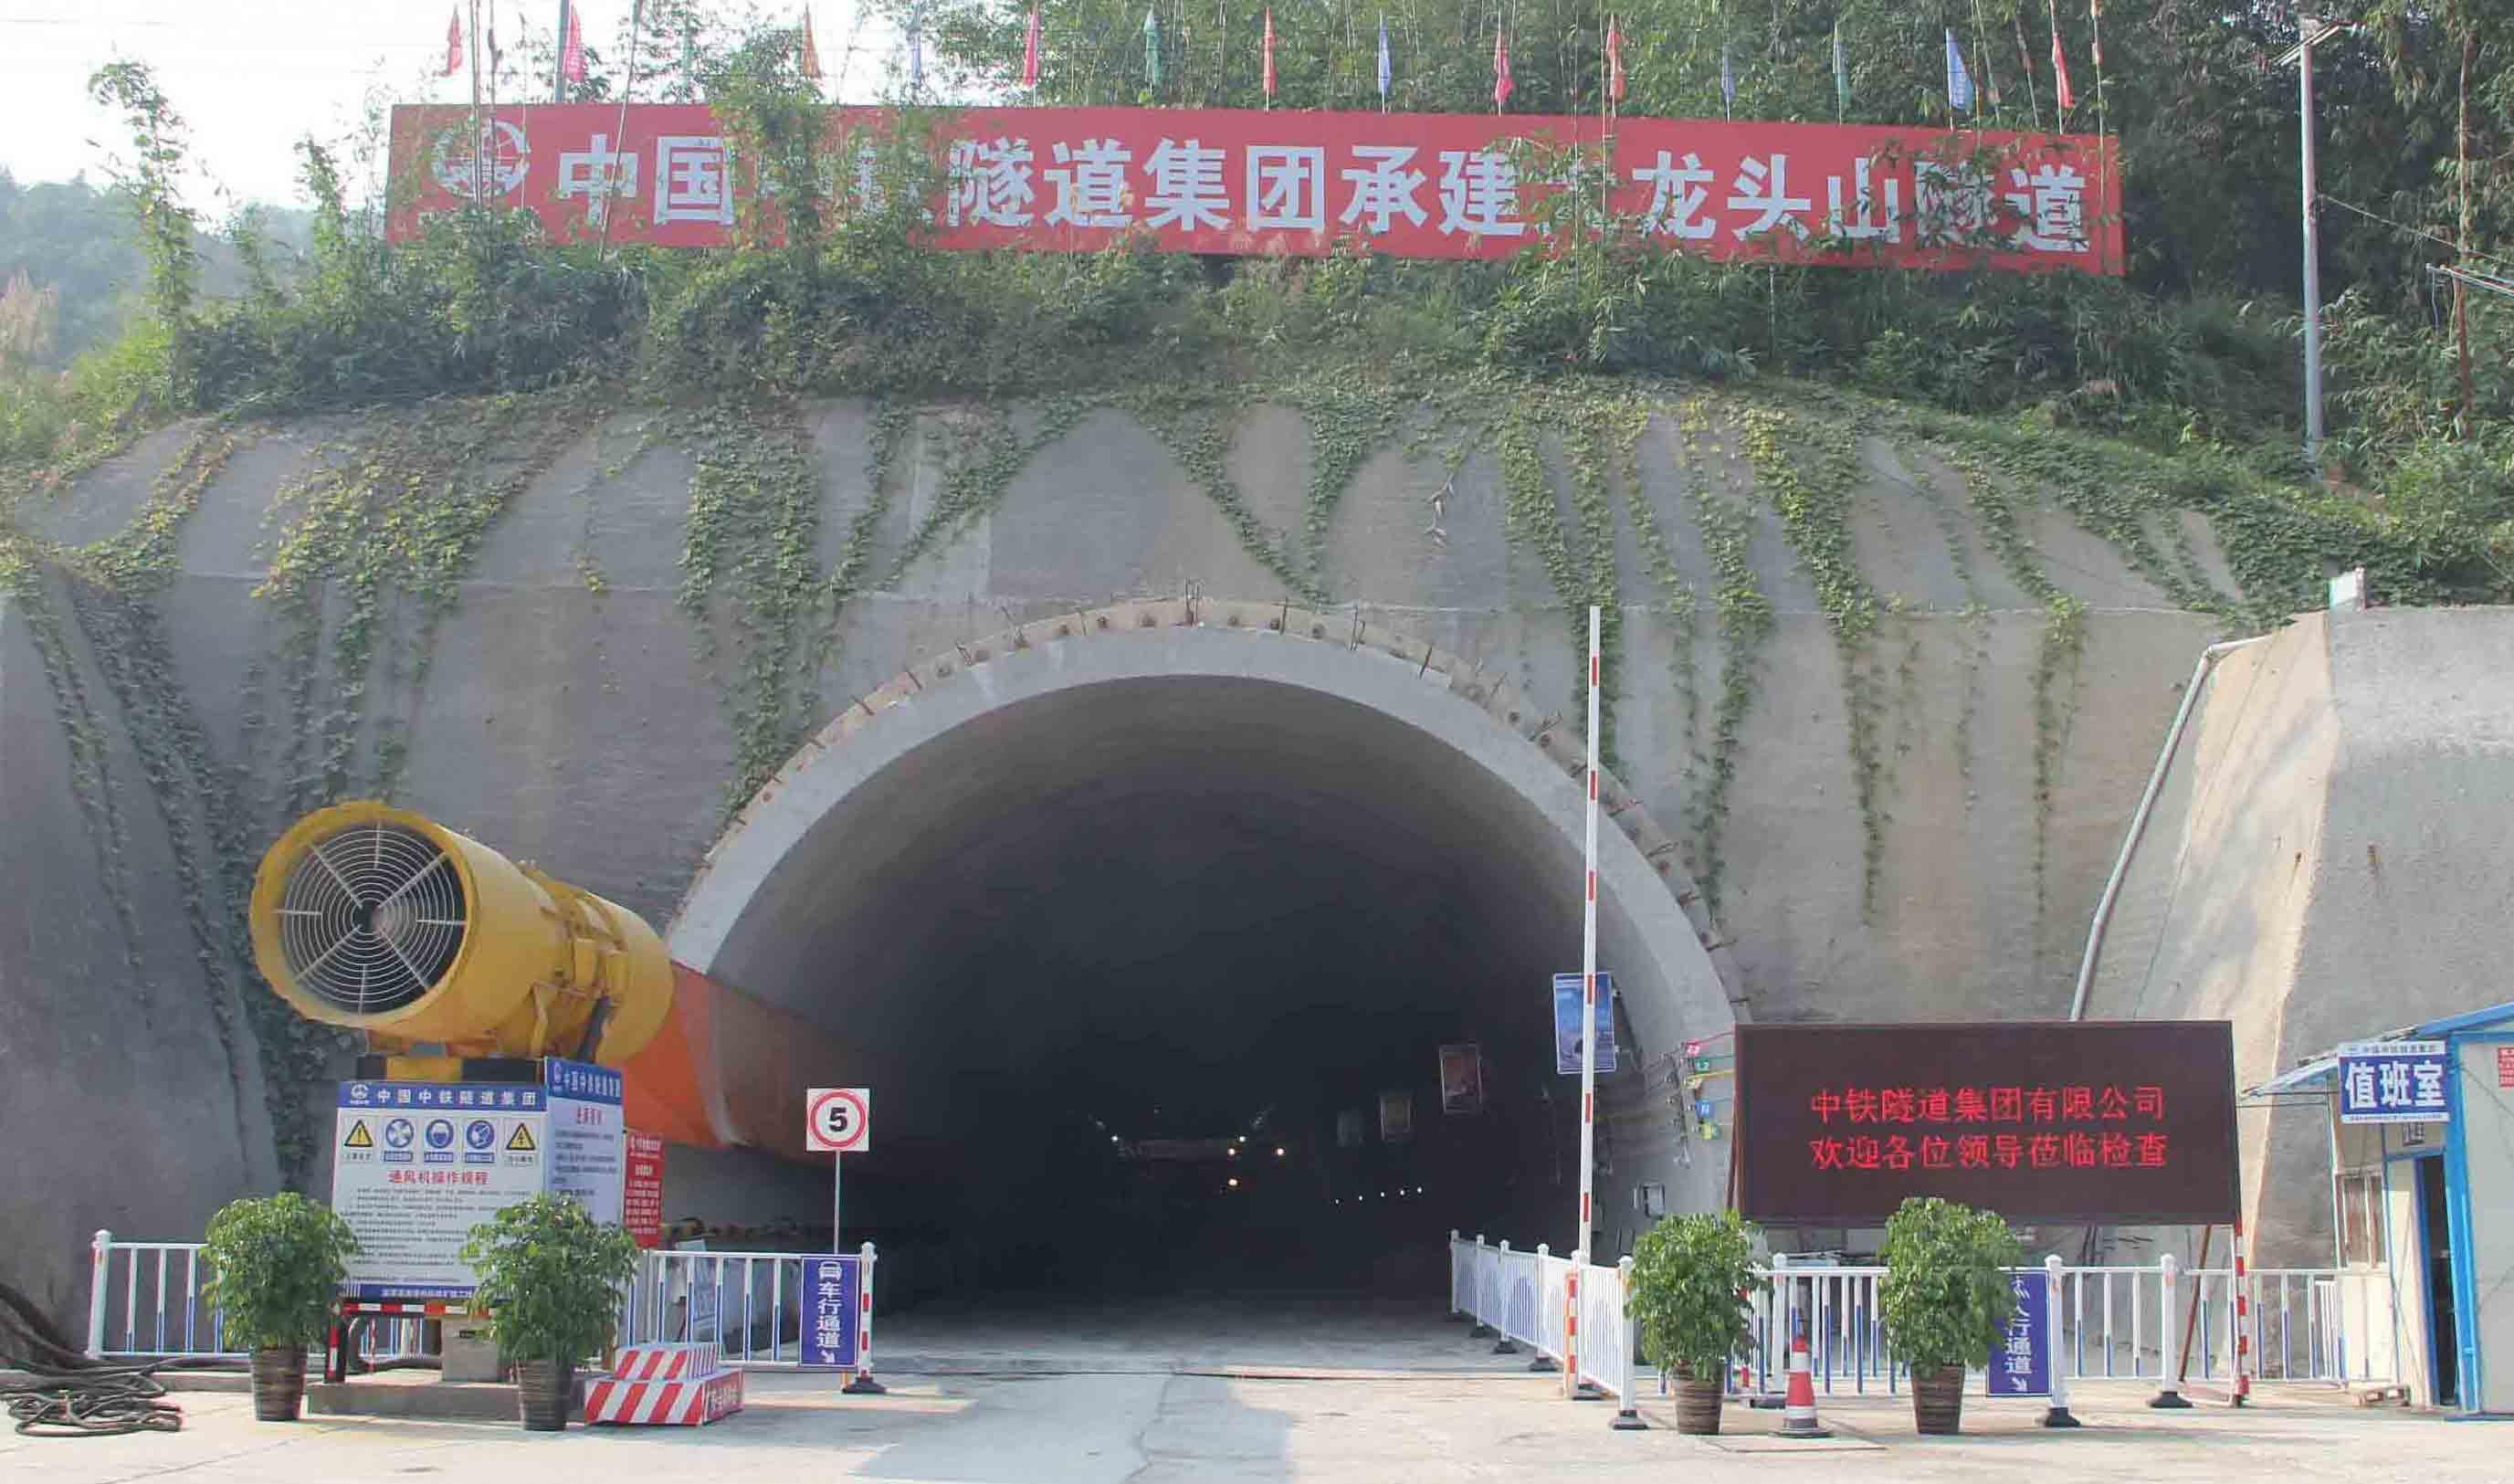 隧道门禁系统,隧道人员定位系统,隧道电子门禁